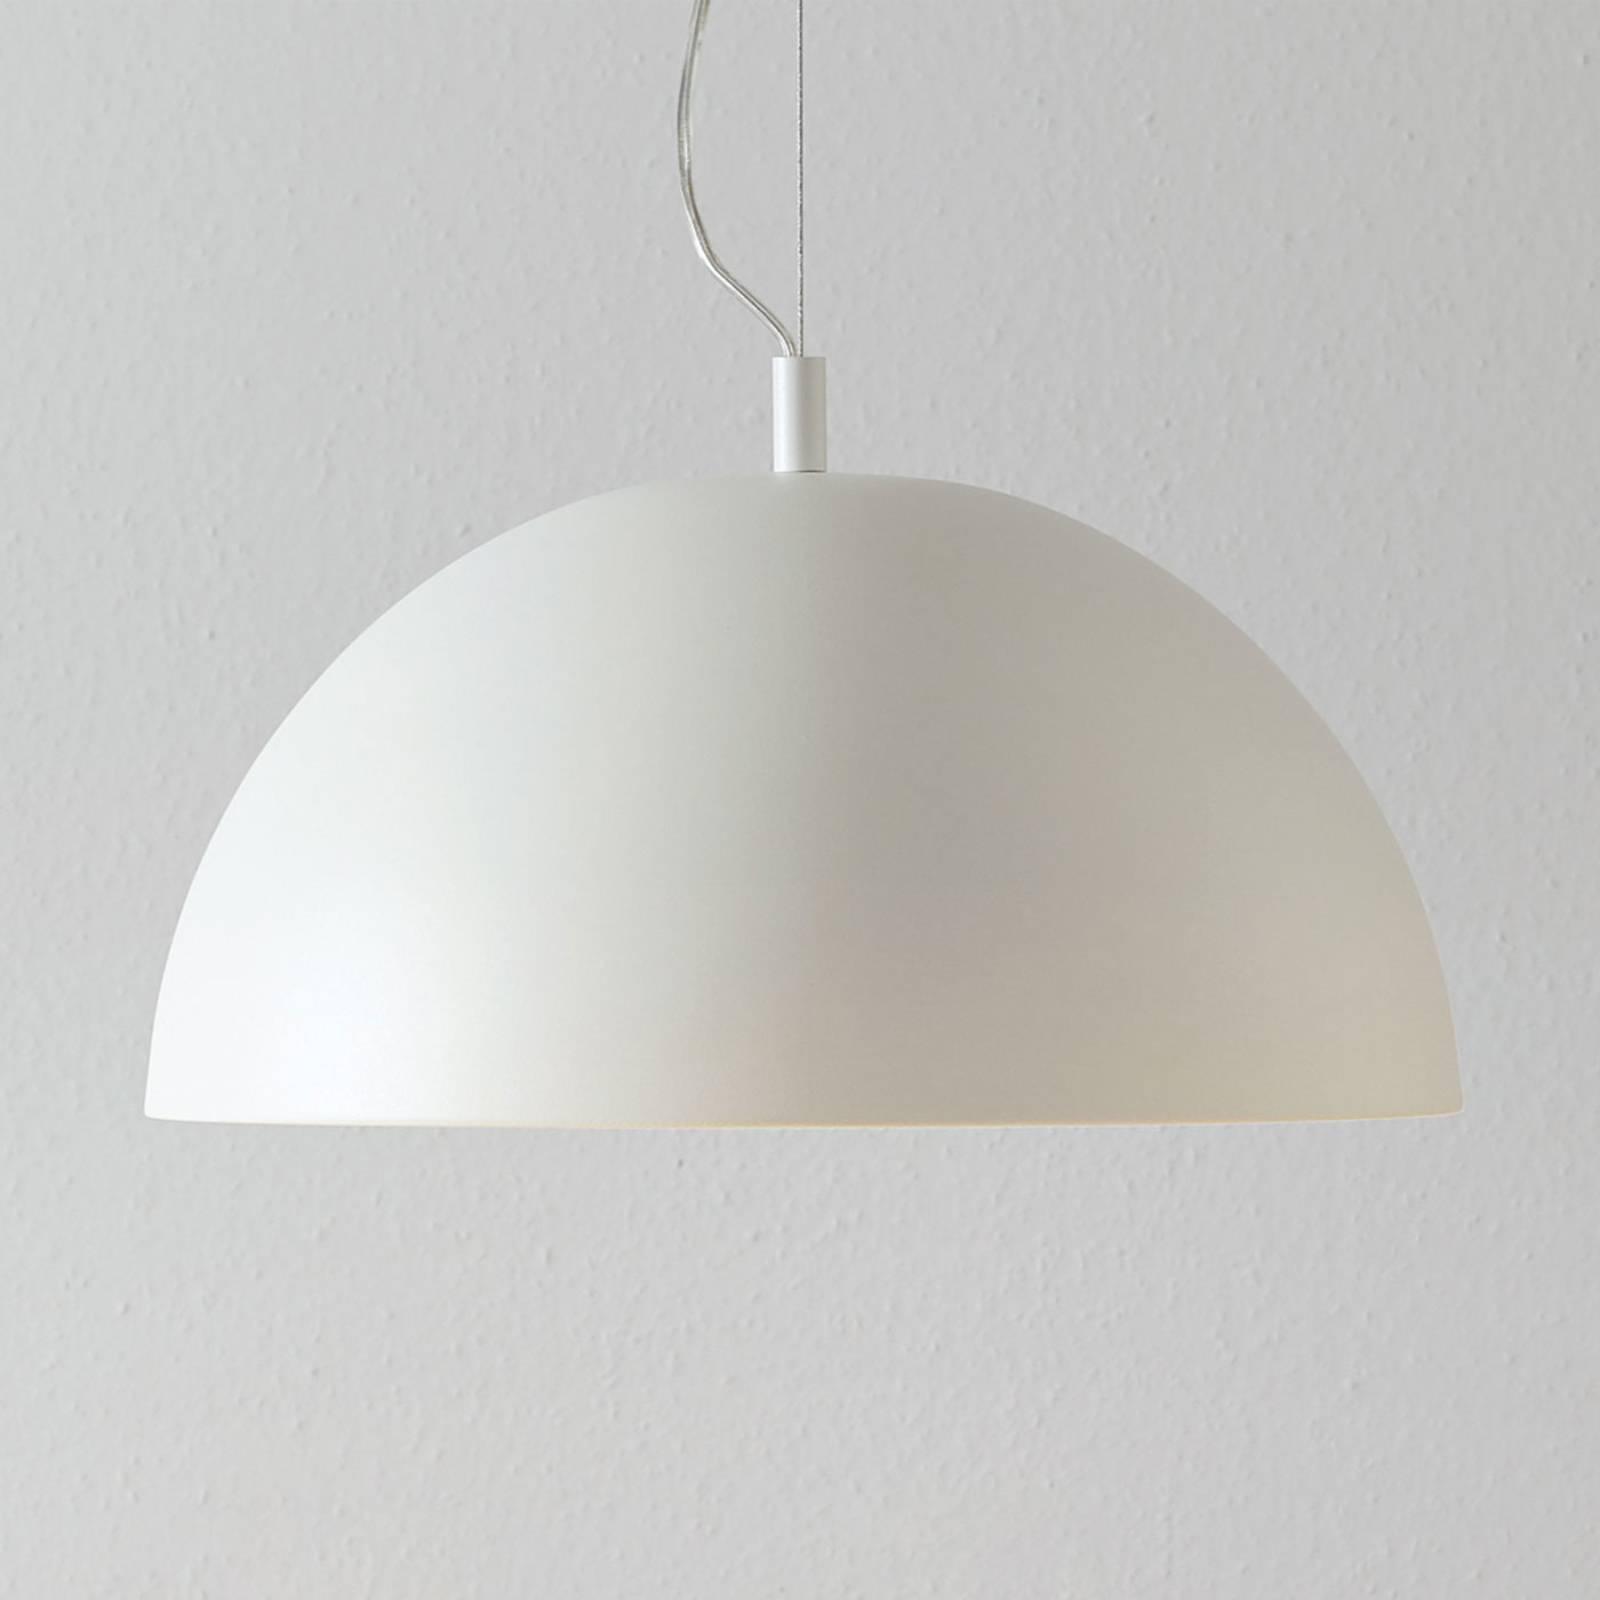 Lucande Phelan hanglamp 40cm wit-goud